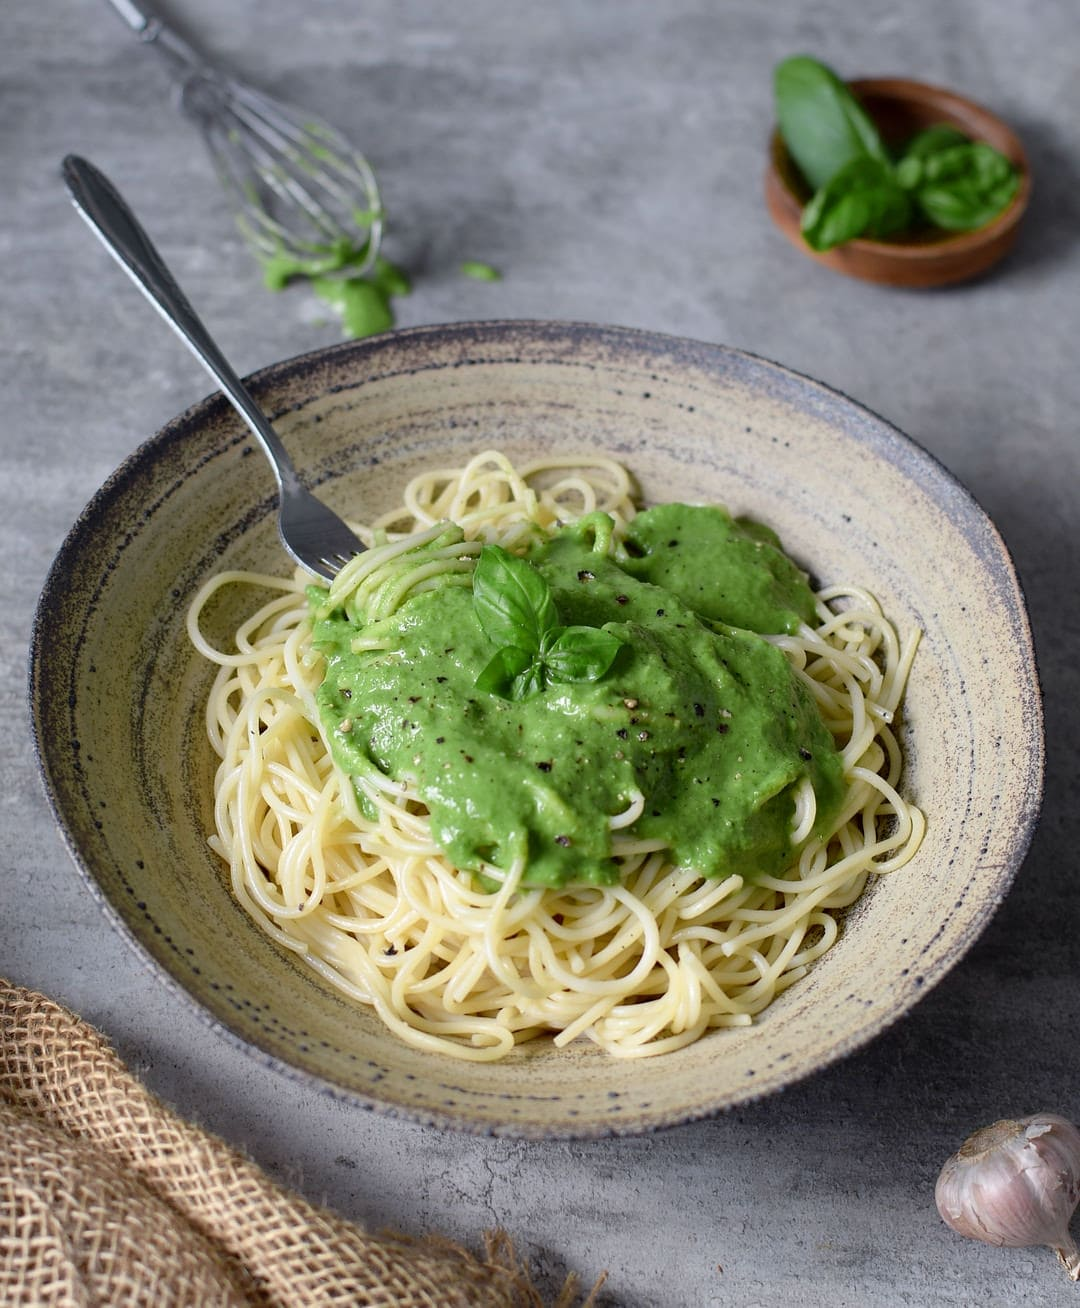 Diese cremige Spinat Sauce ist perfekt für Spaghetti oder andere Pasta Gerichte. Das Rezept ist vegan, glutenfrei, paleo freundlich, ölfrei und einfach herzustellen in unter 10 Minuten